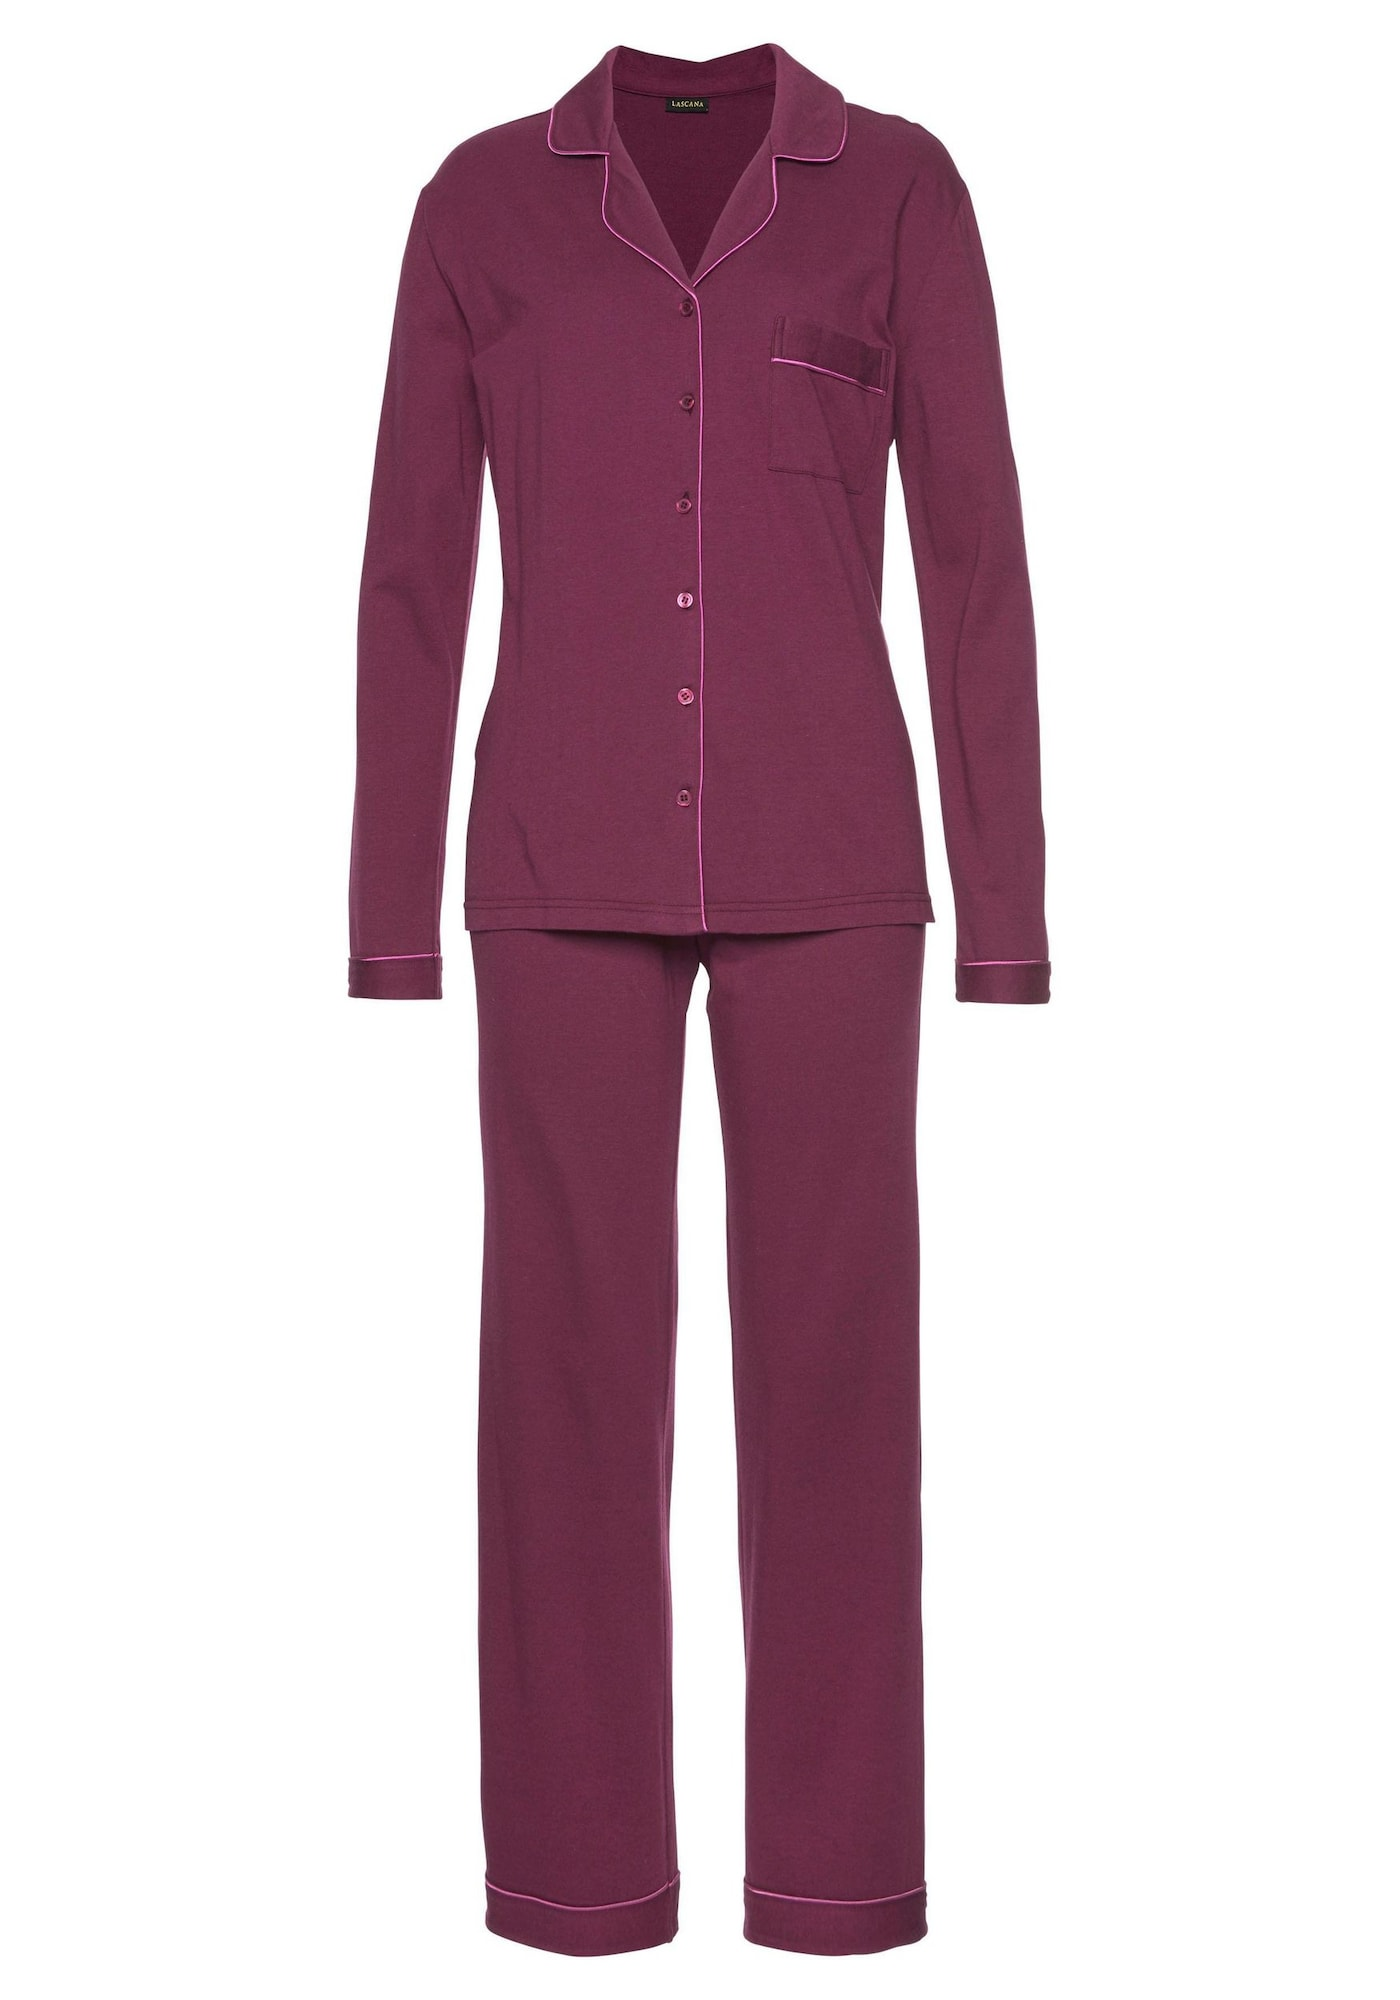 Pyjama | Bekleidung > Nachtwäsche > Pyjamas | Lascana